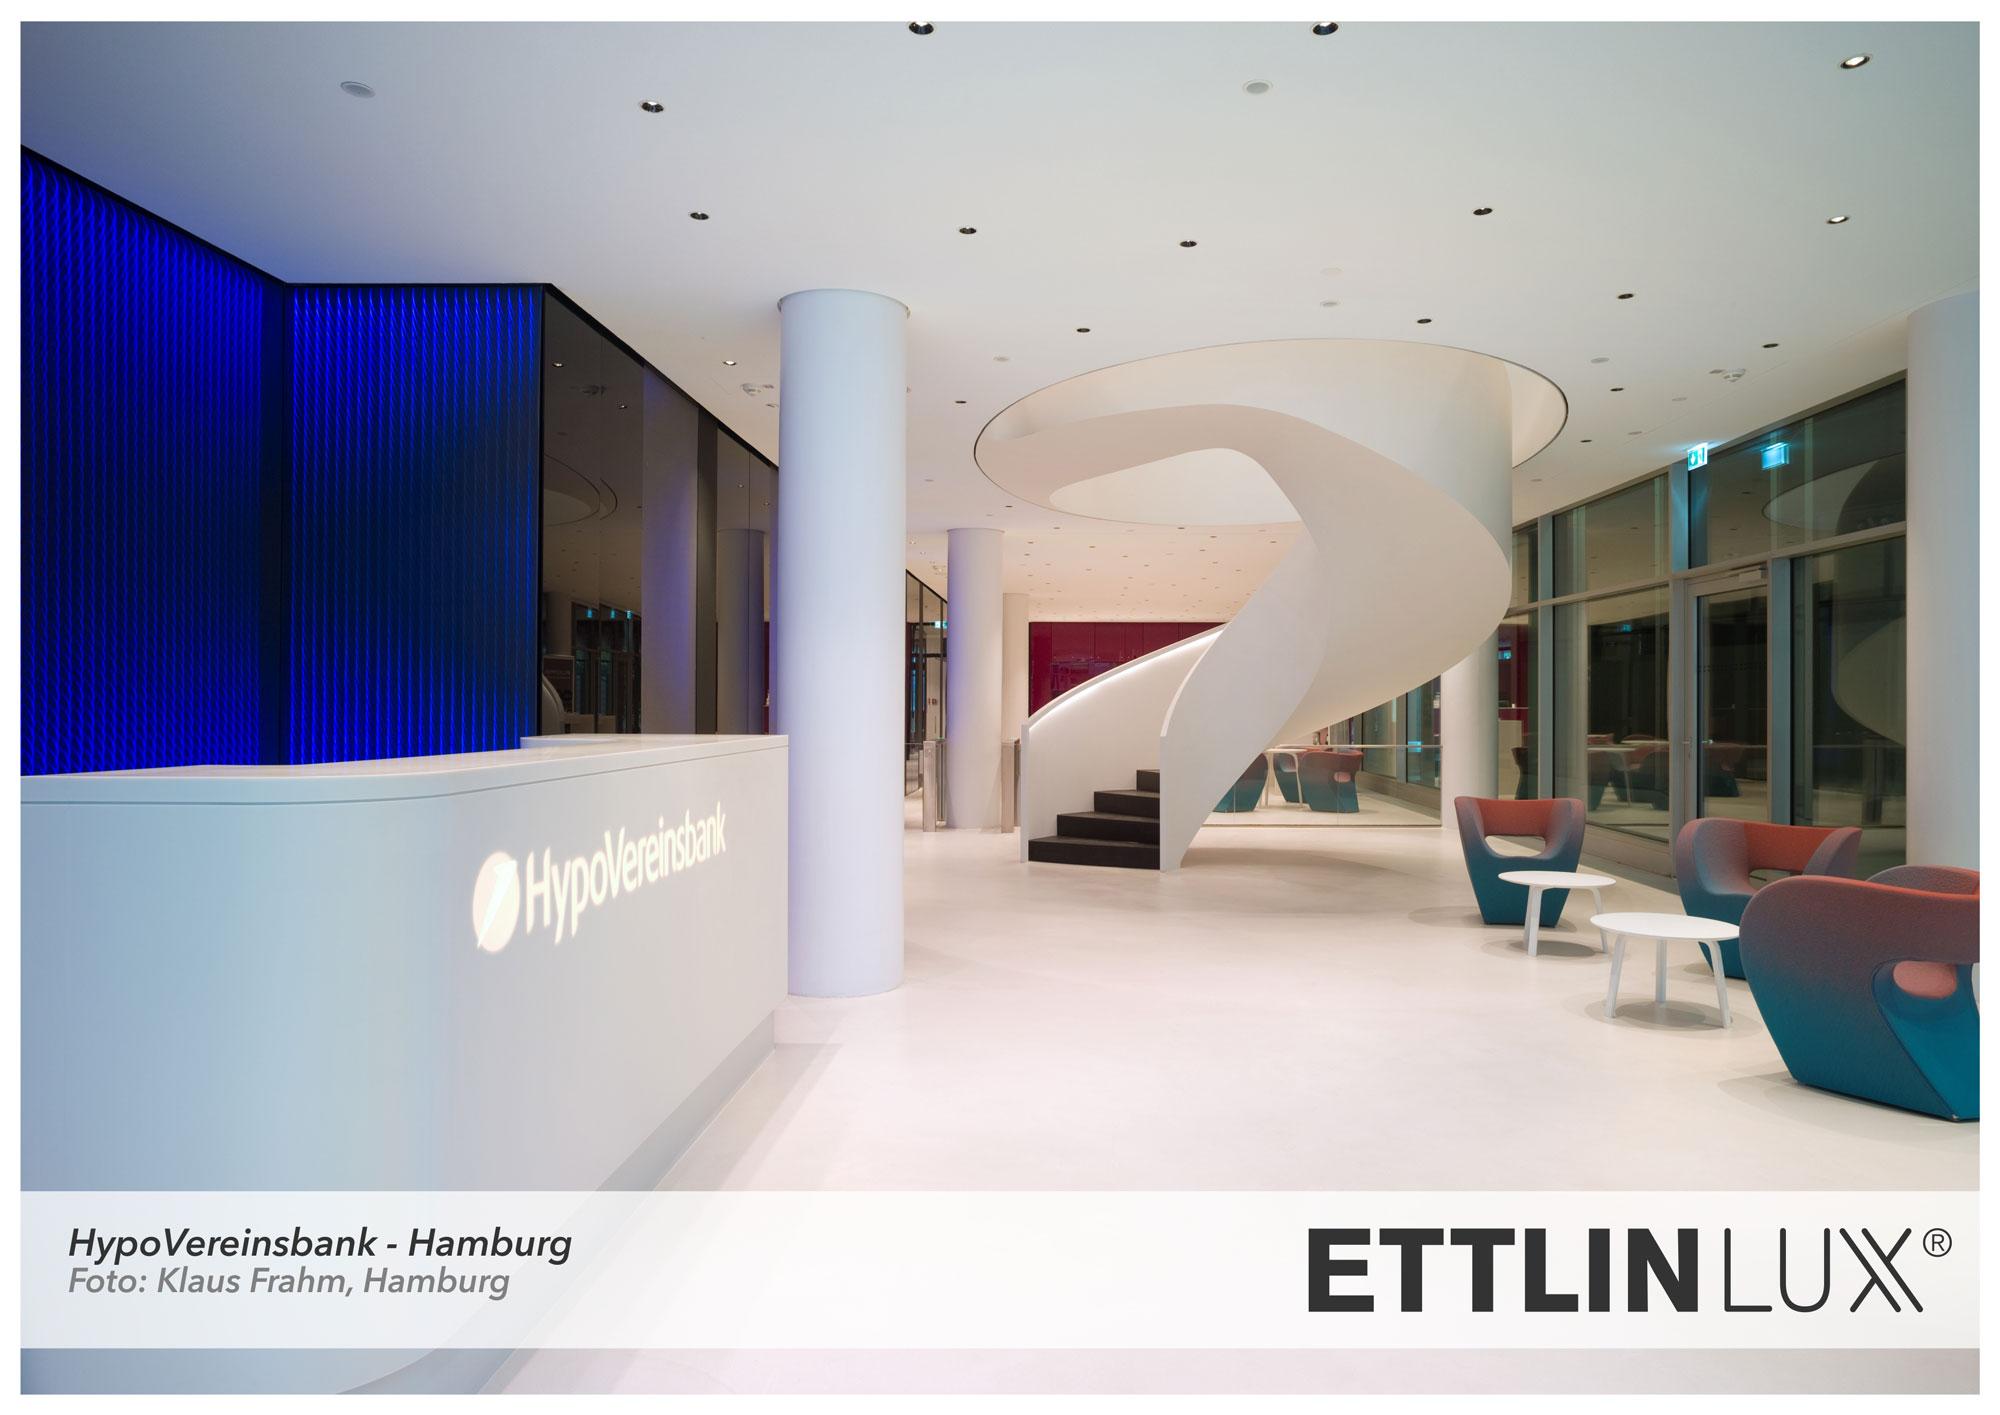 Eingangsbereich der Hypovereinsbank mit Lichtinstallationen